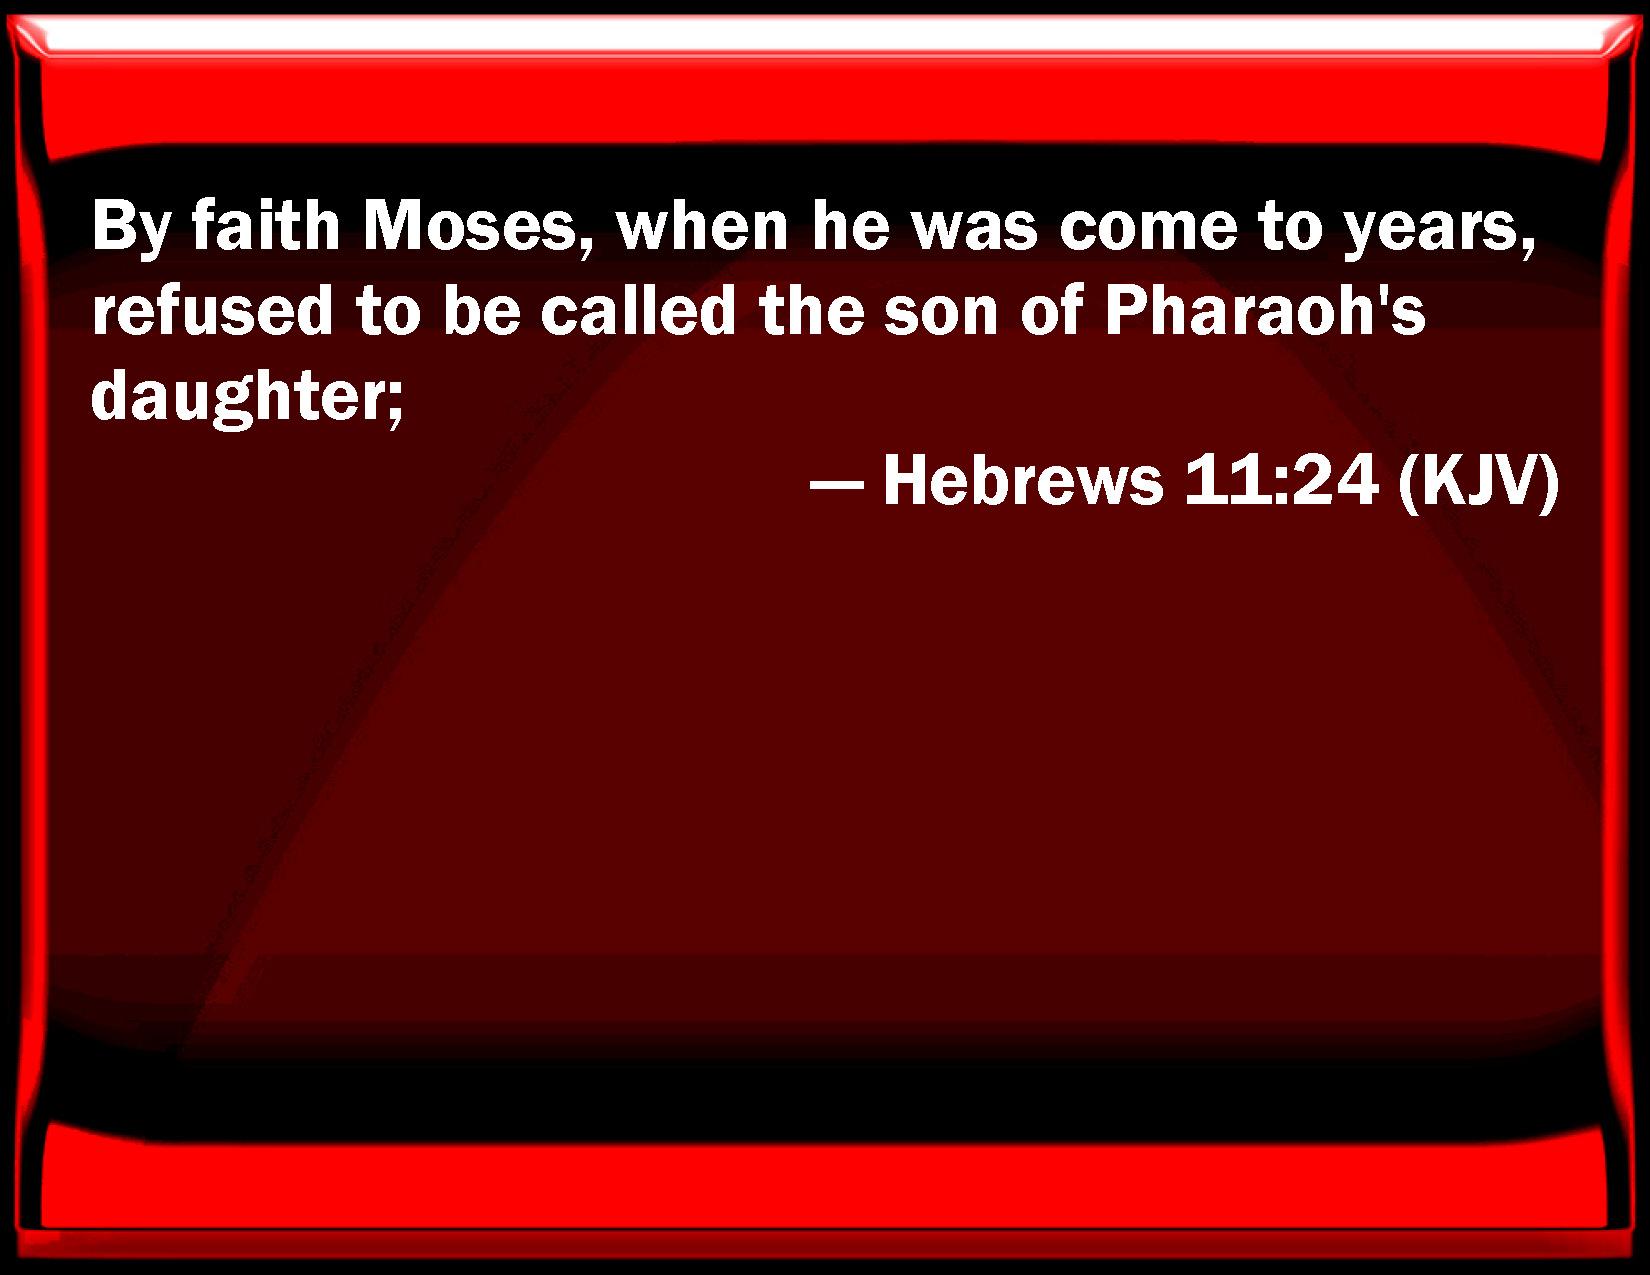 Hebrews 11:24